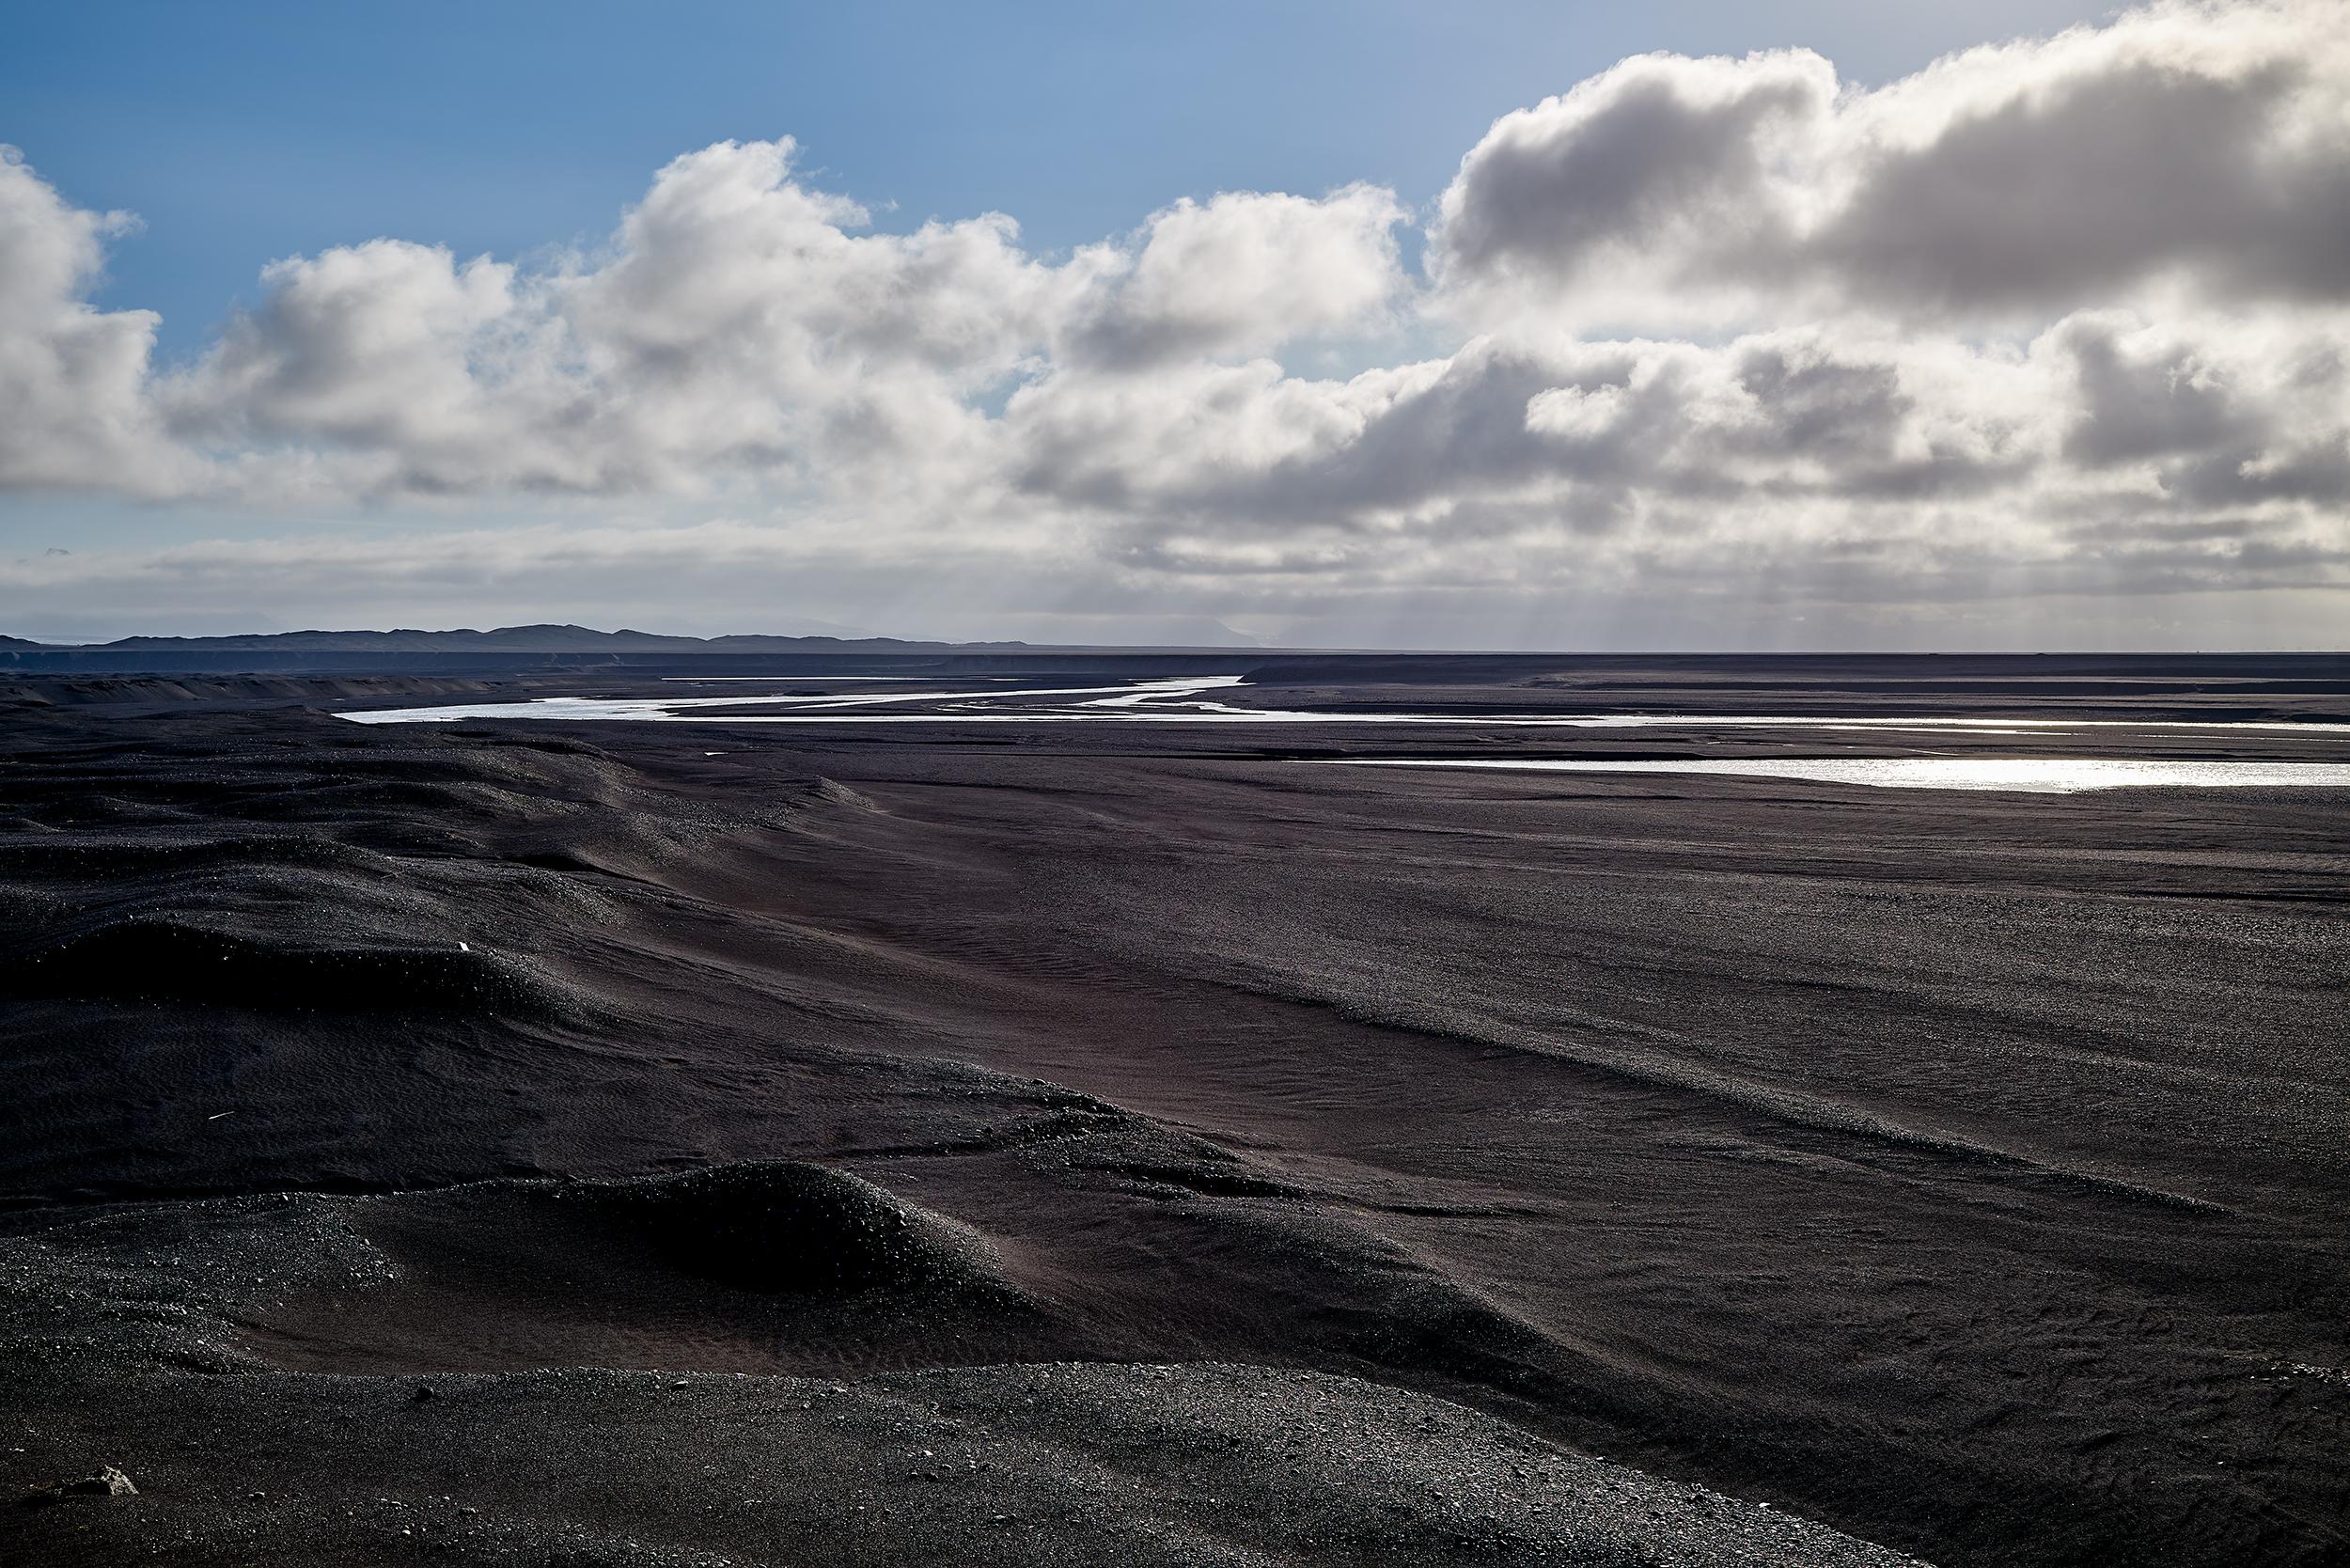 Black Ash Riverbed